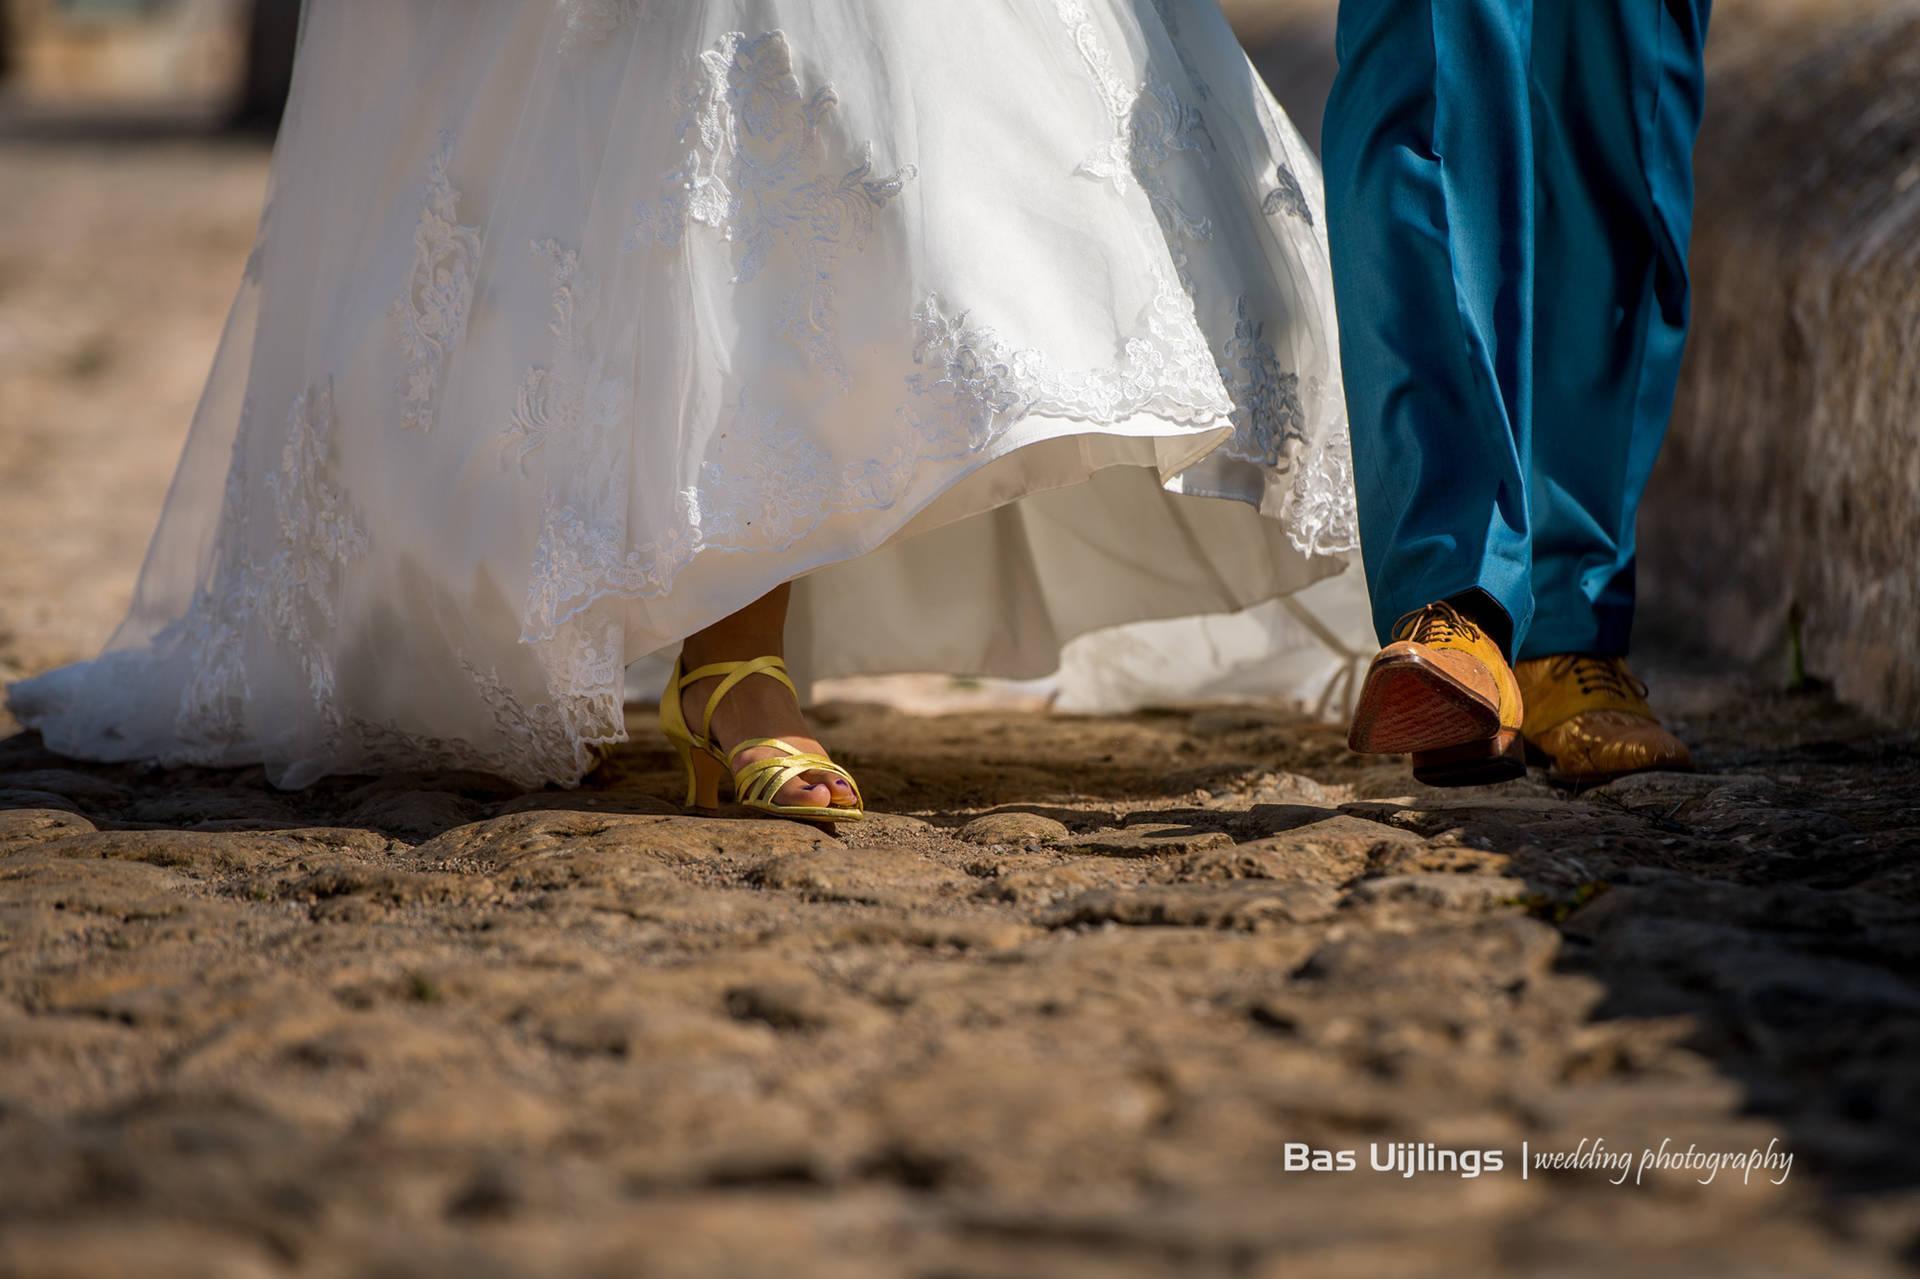 Aquablauw, mintgroen en zongeel: trouwpak, Ibiza style